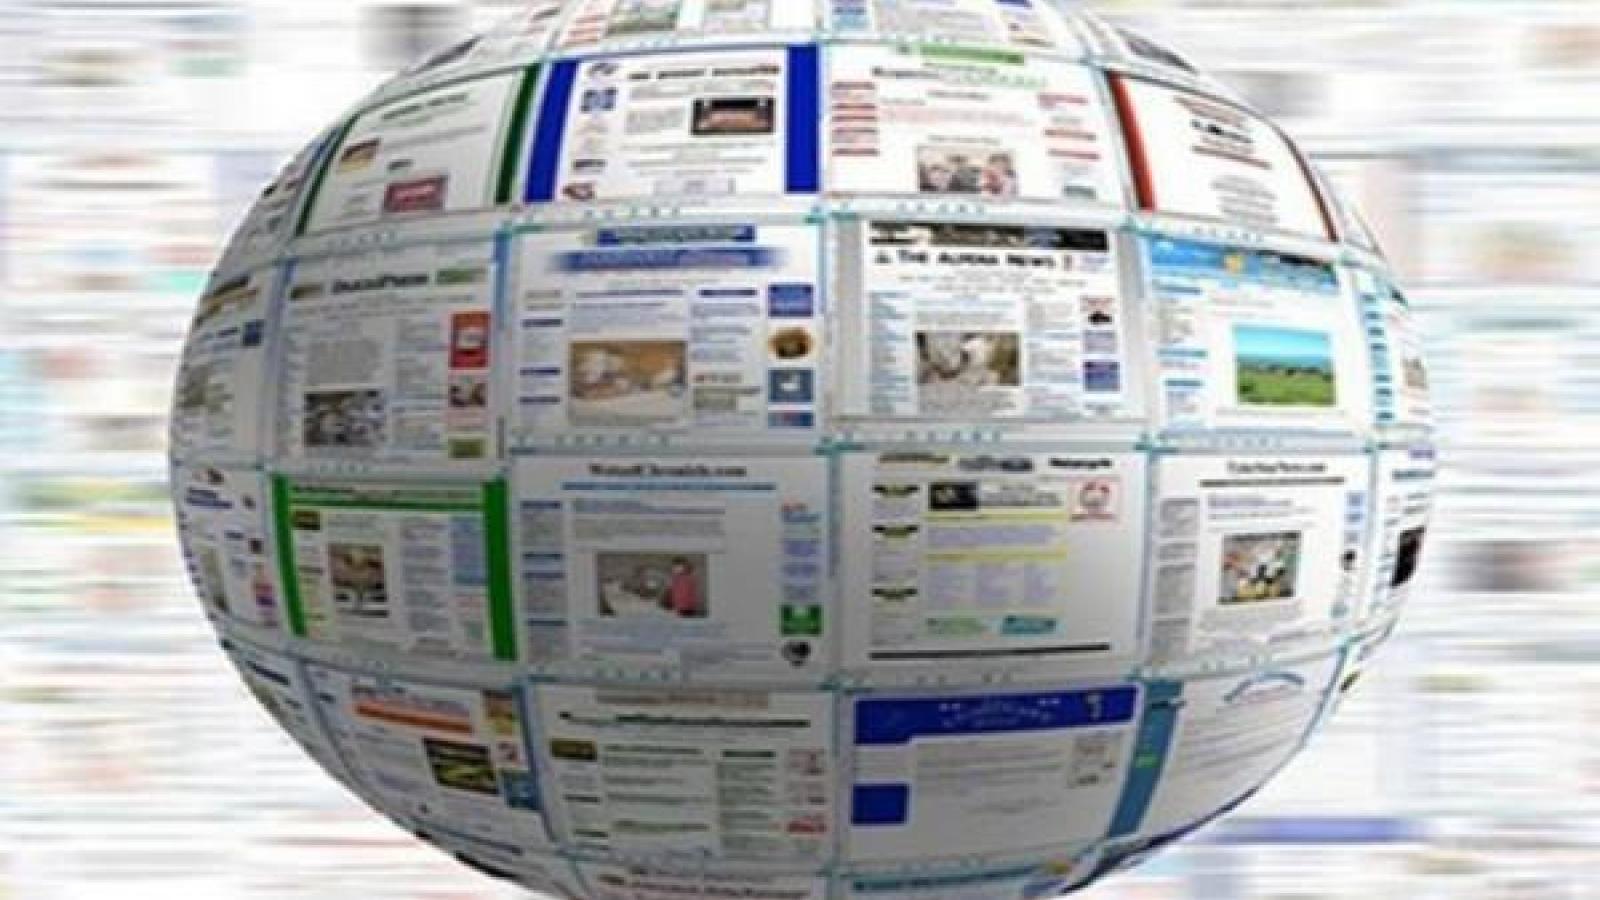 Từ hôm nay (1/12), phạt nặng trang thông tin điện tử đăng chuyện thần bí gây hoang mang